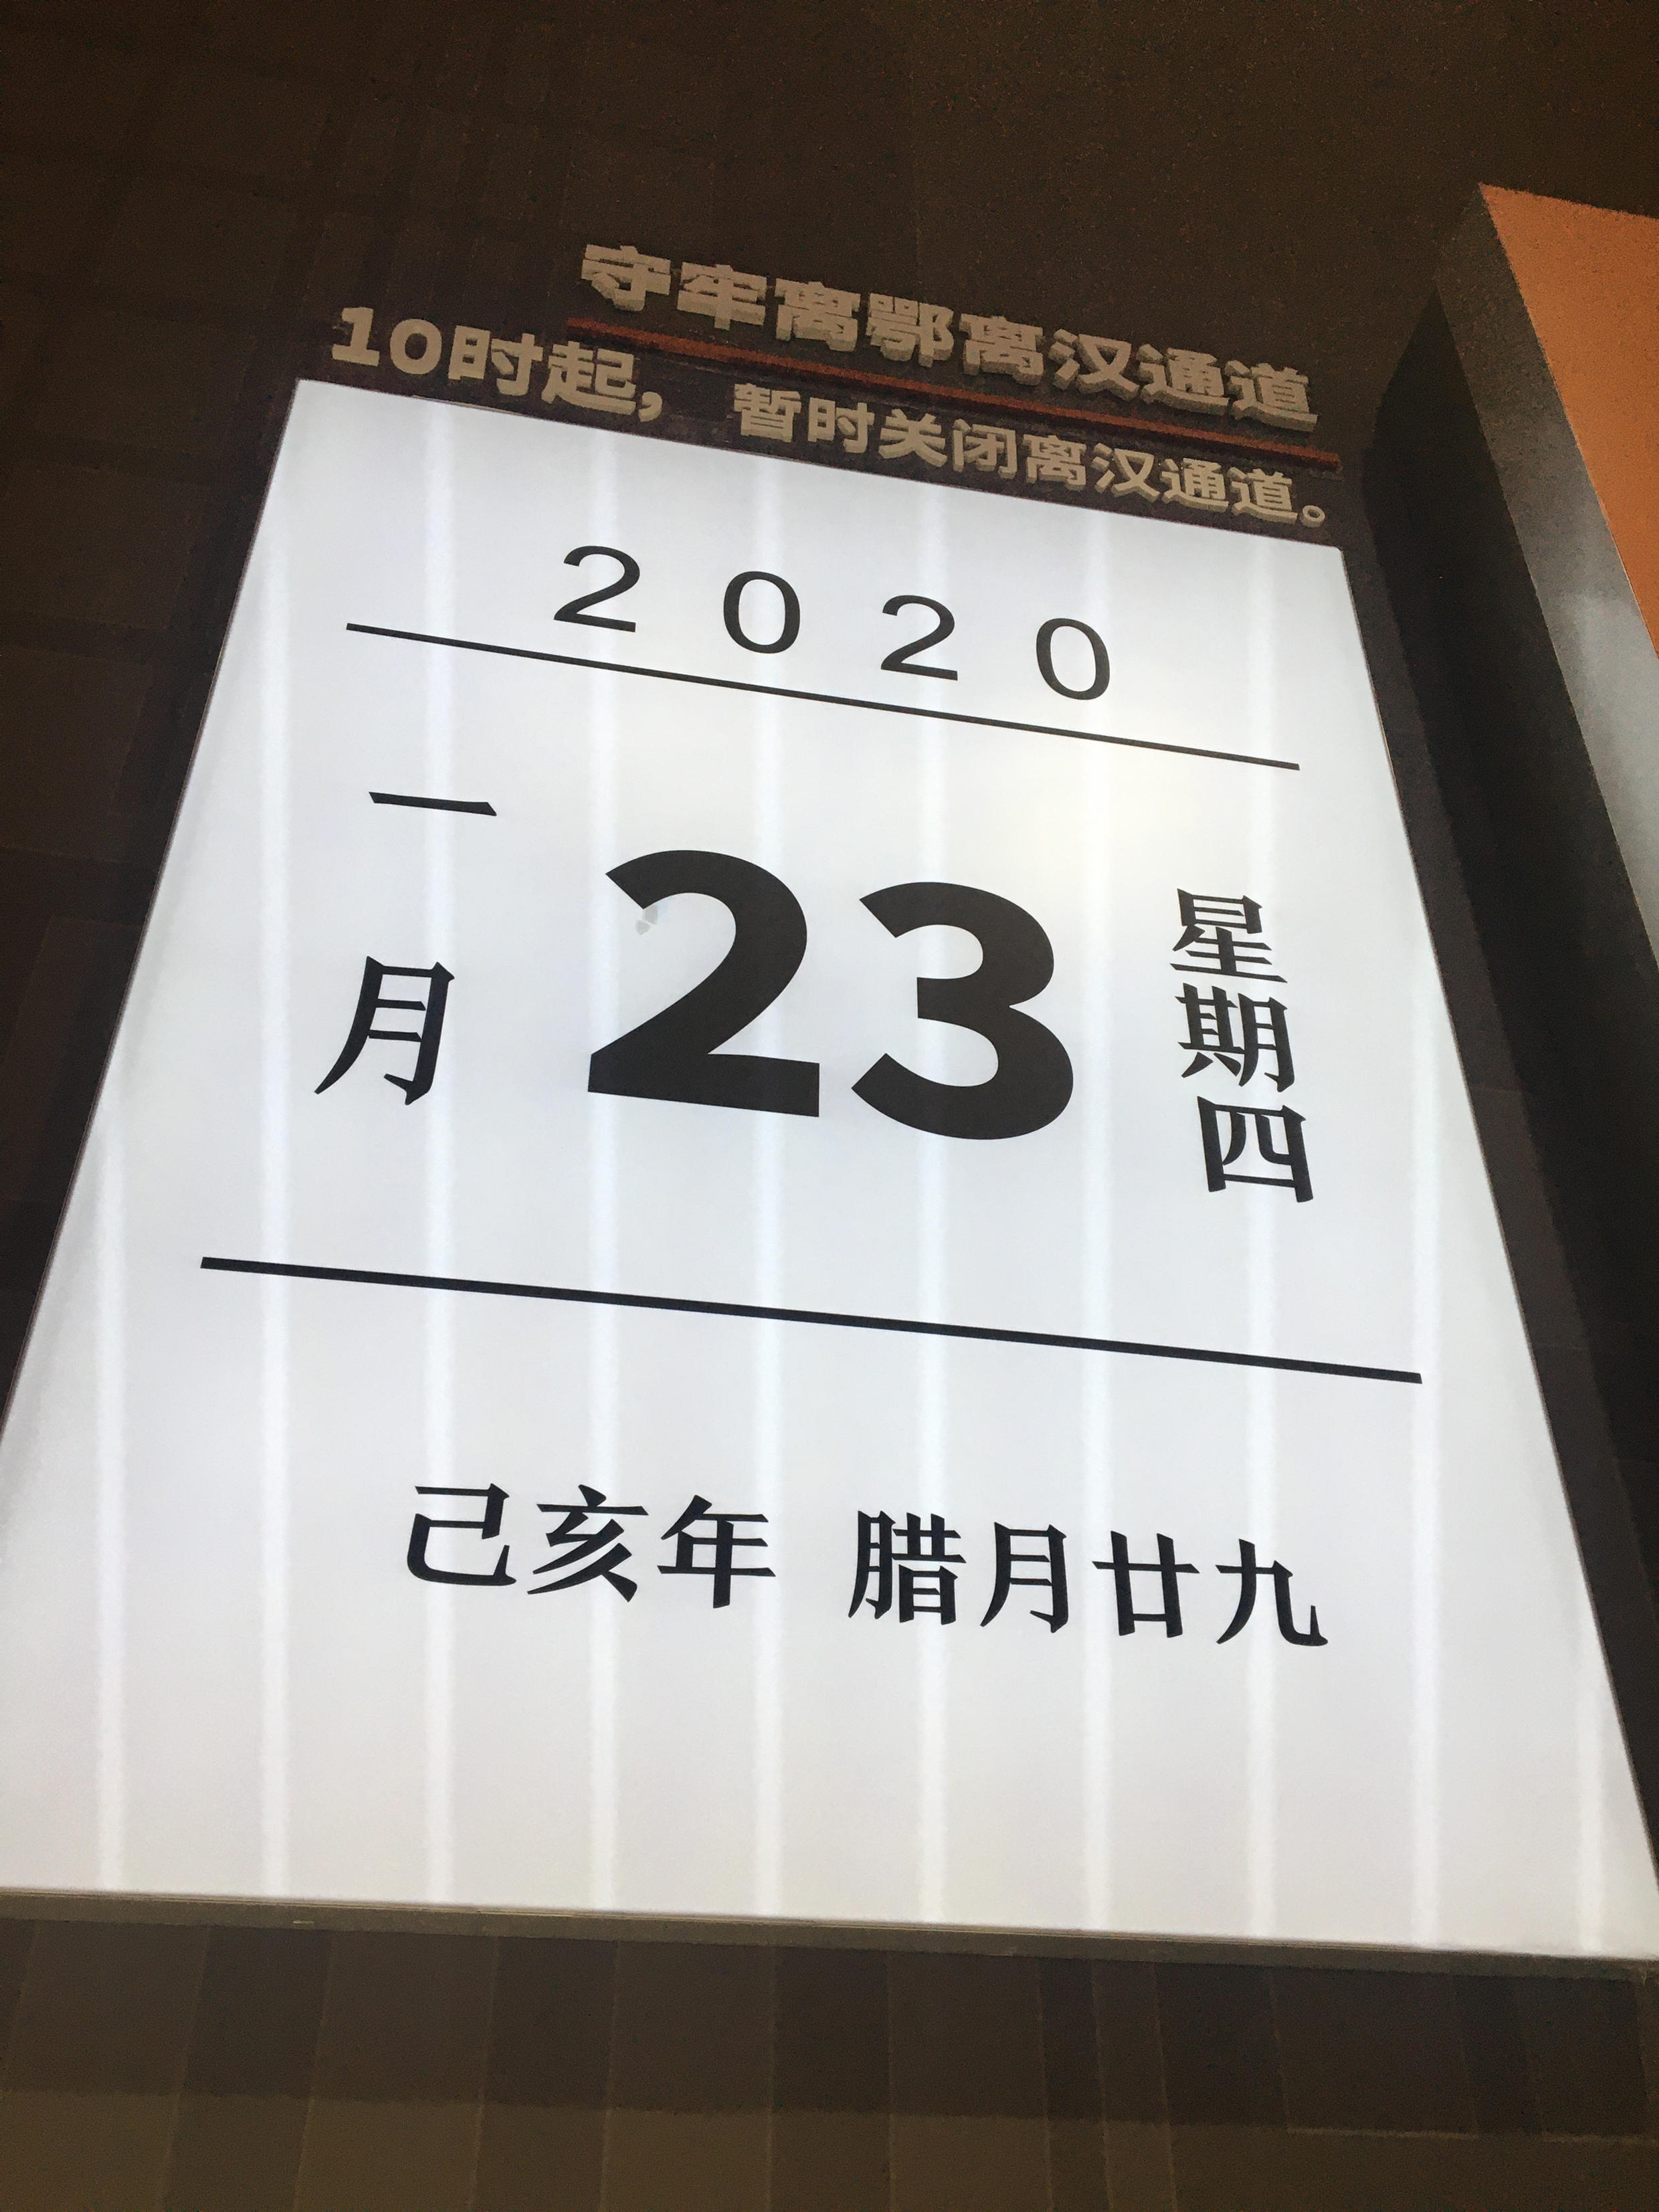 法广存档图片:2020年1月23日 Image d'archive RFI: Un panneau avec la date du 23 janvier 2020, début d'un confinement qui va durer 76 jours pour les 11 millions de Wuhanais.